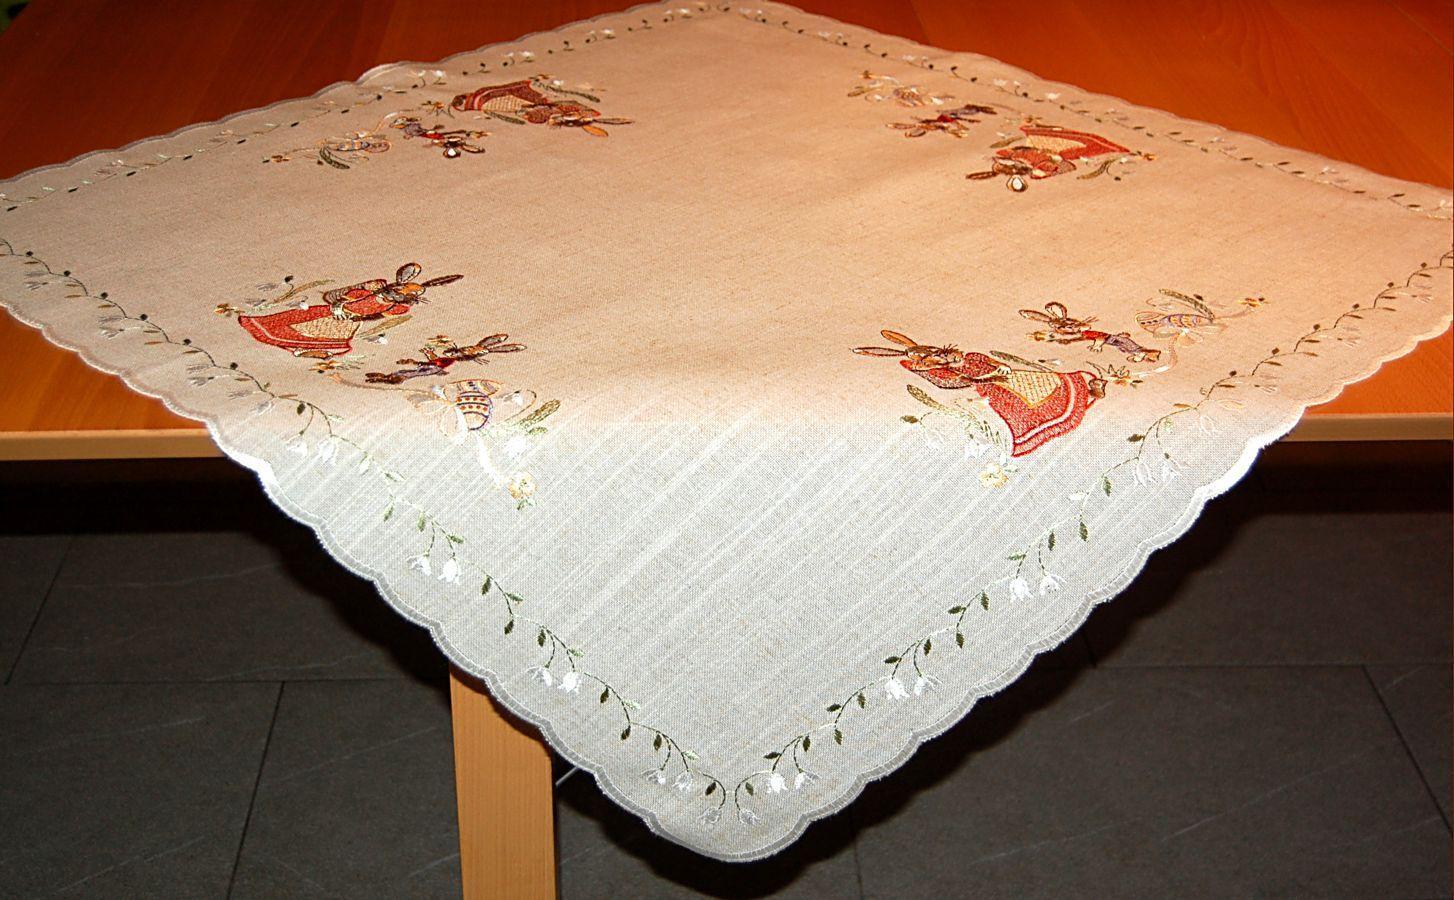 tischdecke 84x84 cm plauener spitze ostern leinenoptik. Black Bedroom Furniture Sets. Home Design Ideas